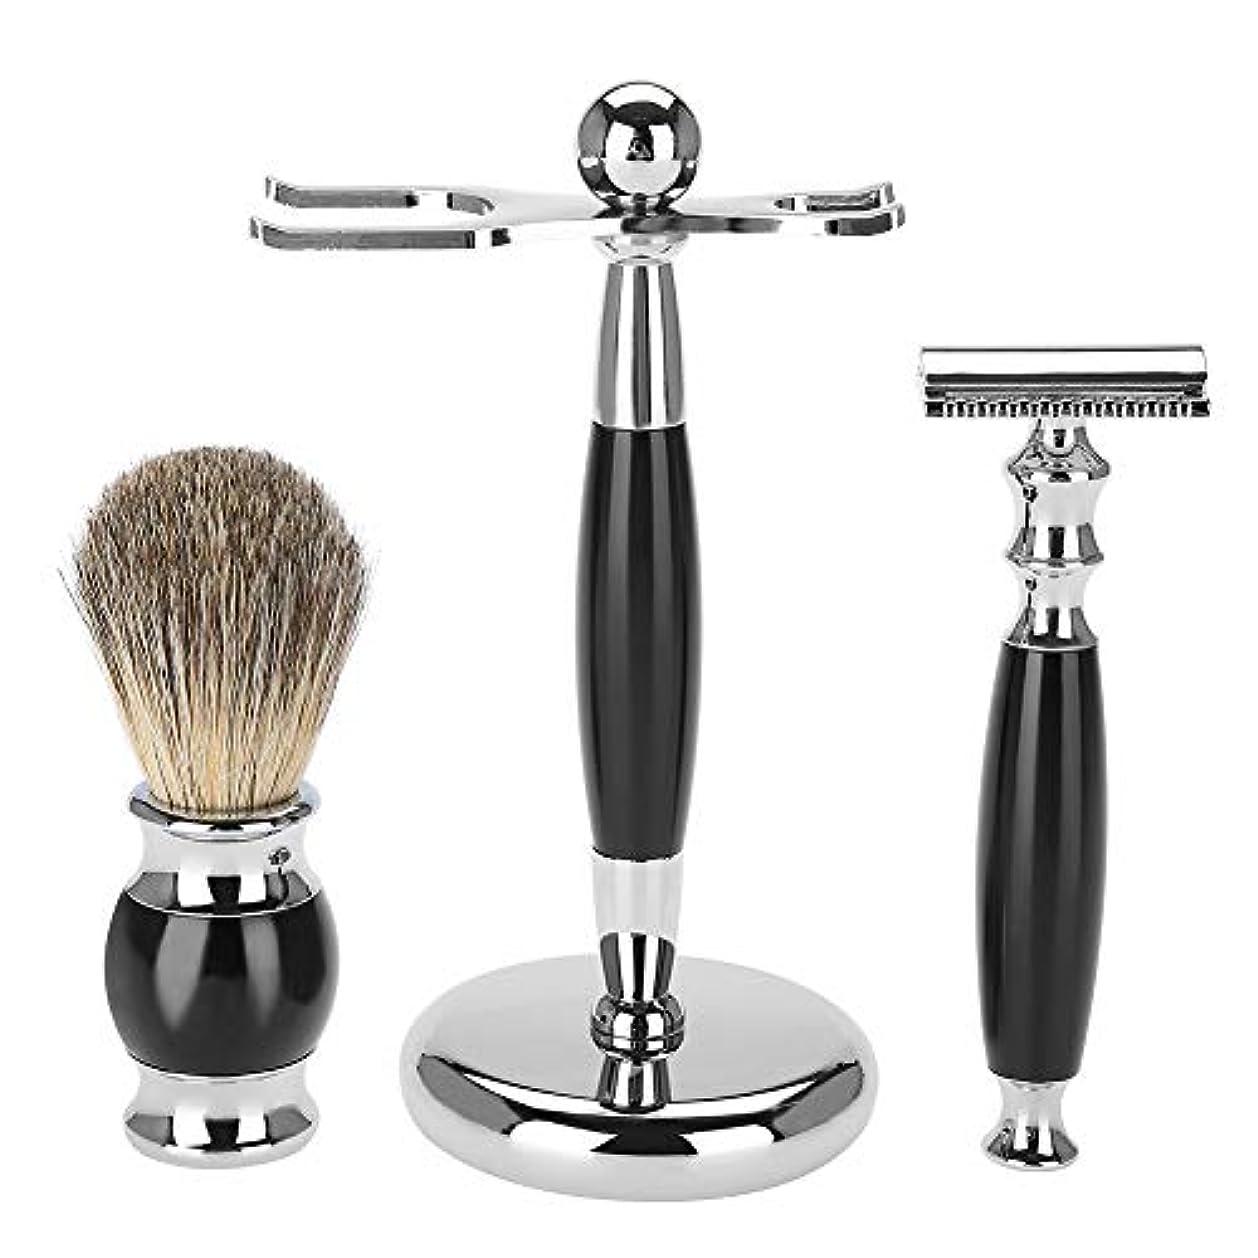 重要性労働実証するひげ剃りセット安全剃刀ブラシスタンドラックホルダー (ブラック)